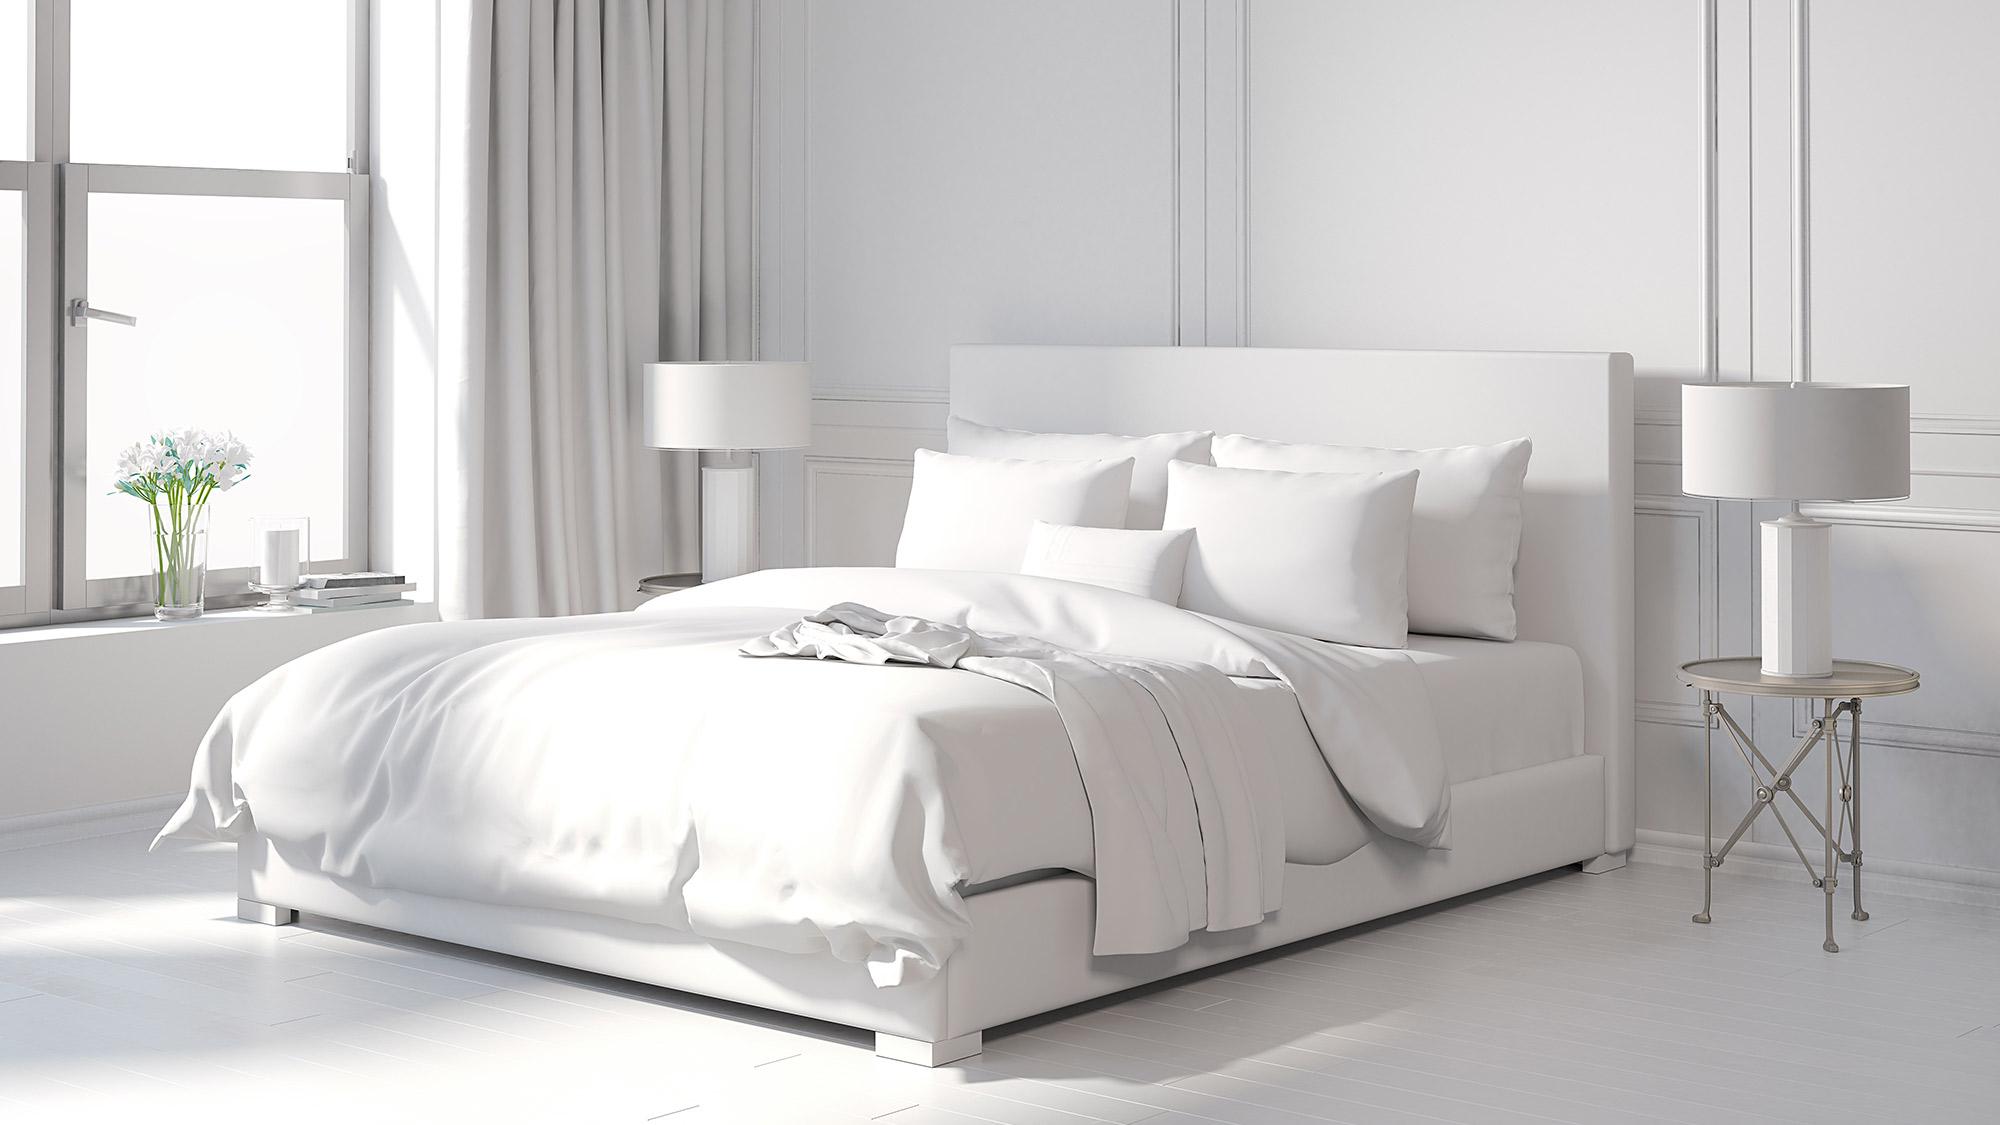 all-white-bedroom.jpg